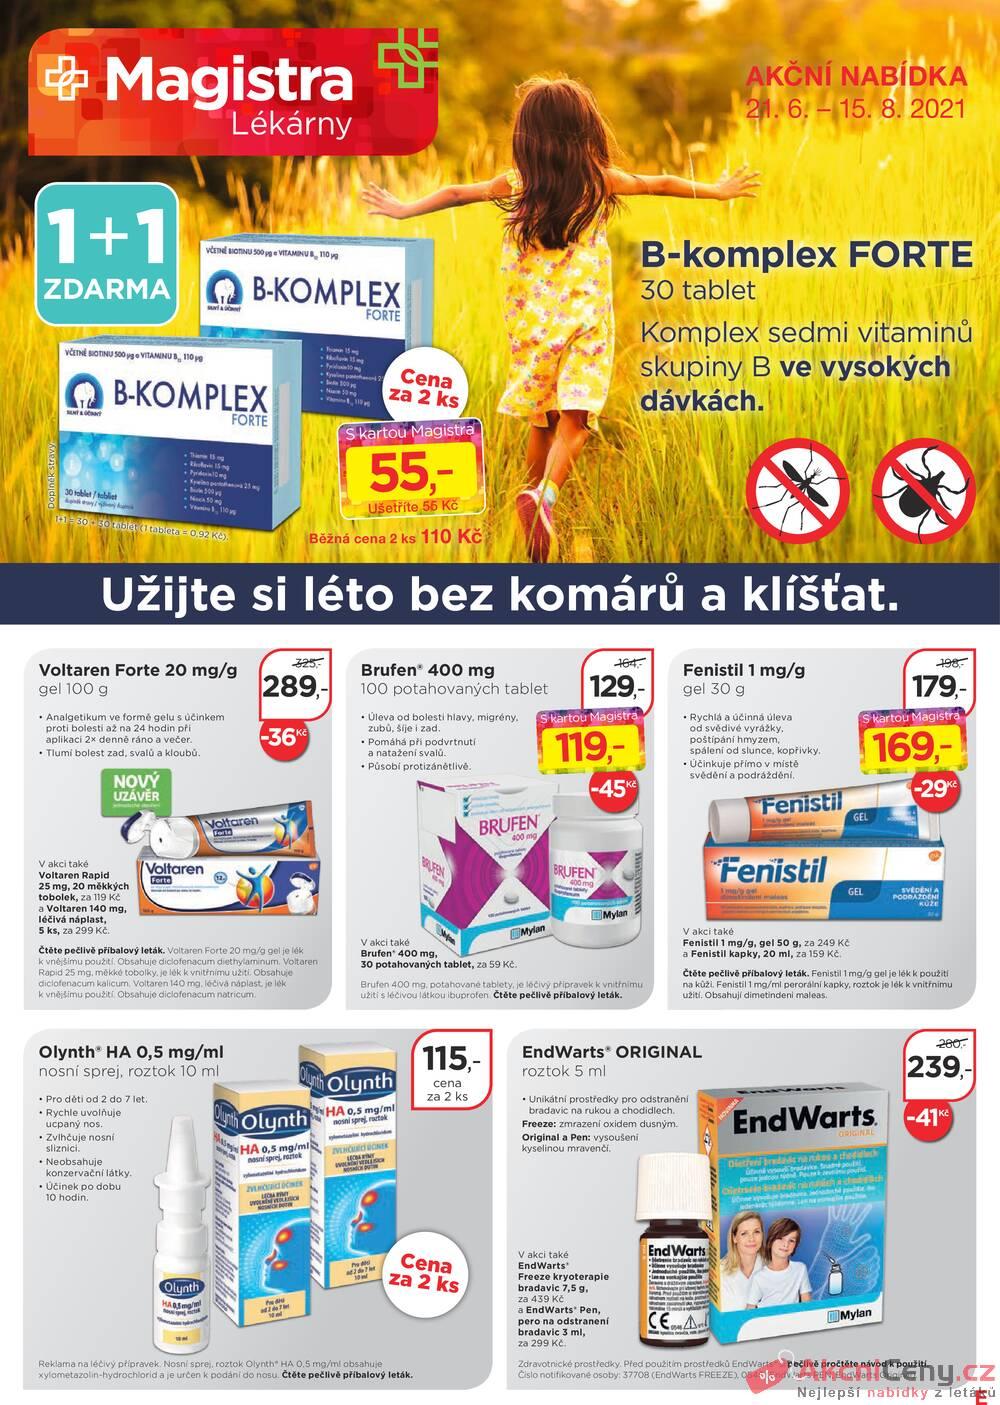 Leták Magistra lékárny - Magistra lékárny od 21.6. do 15.8.2021 - strana 1